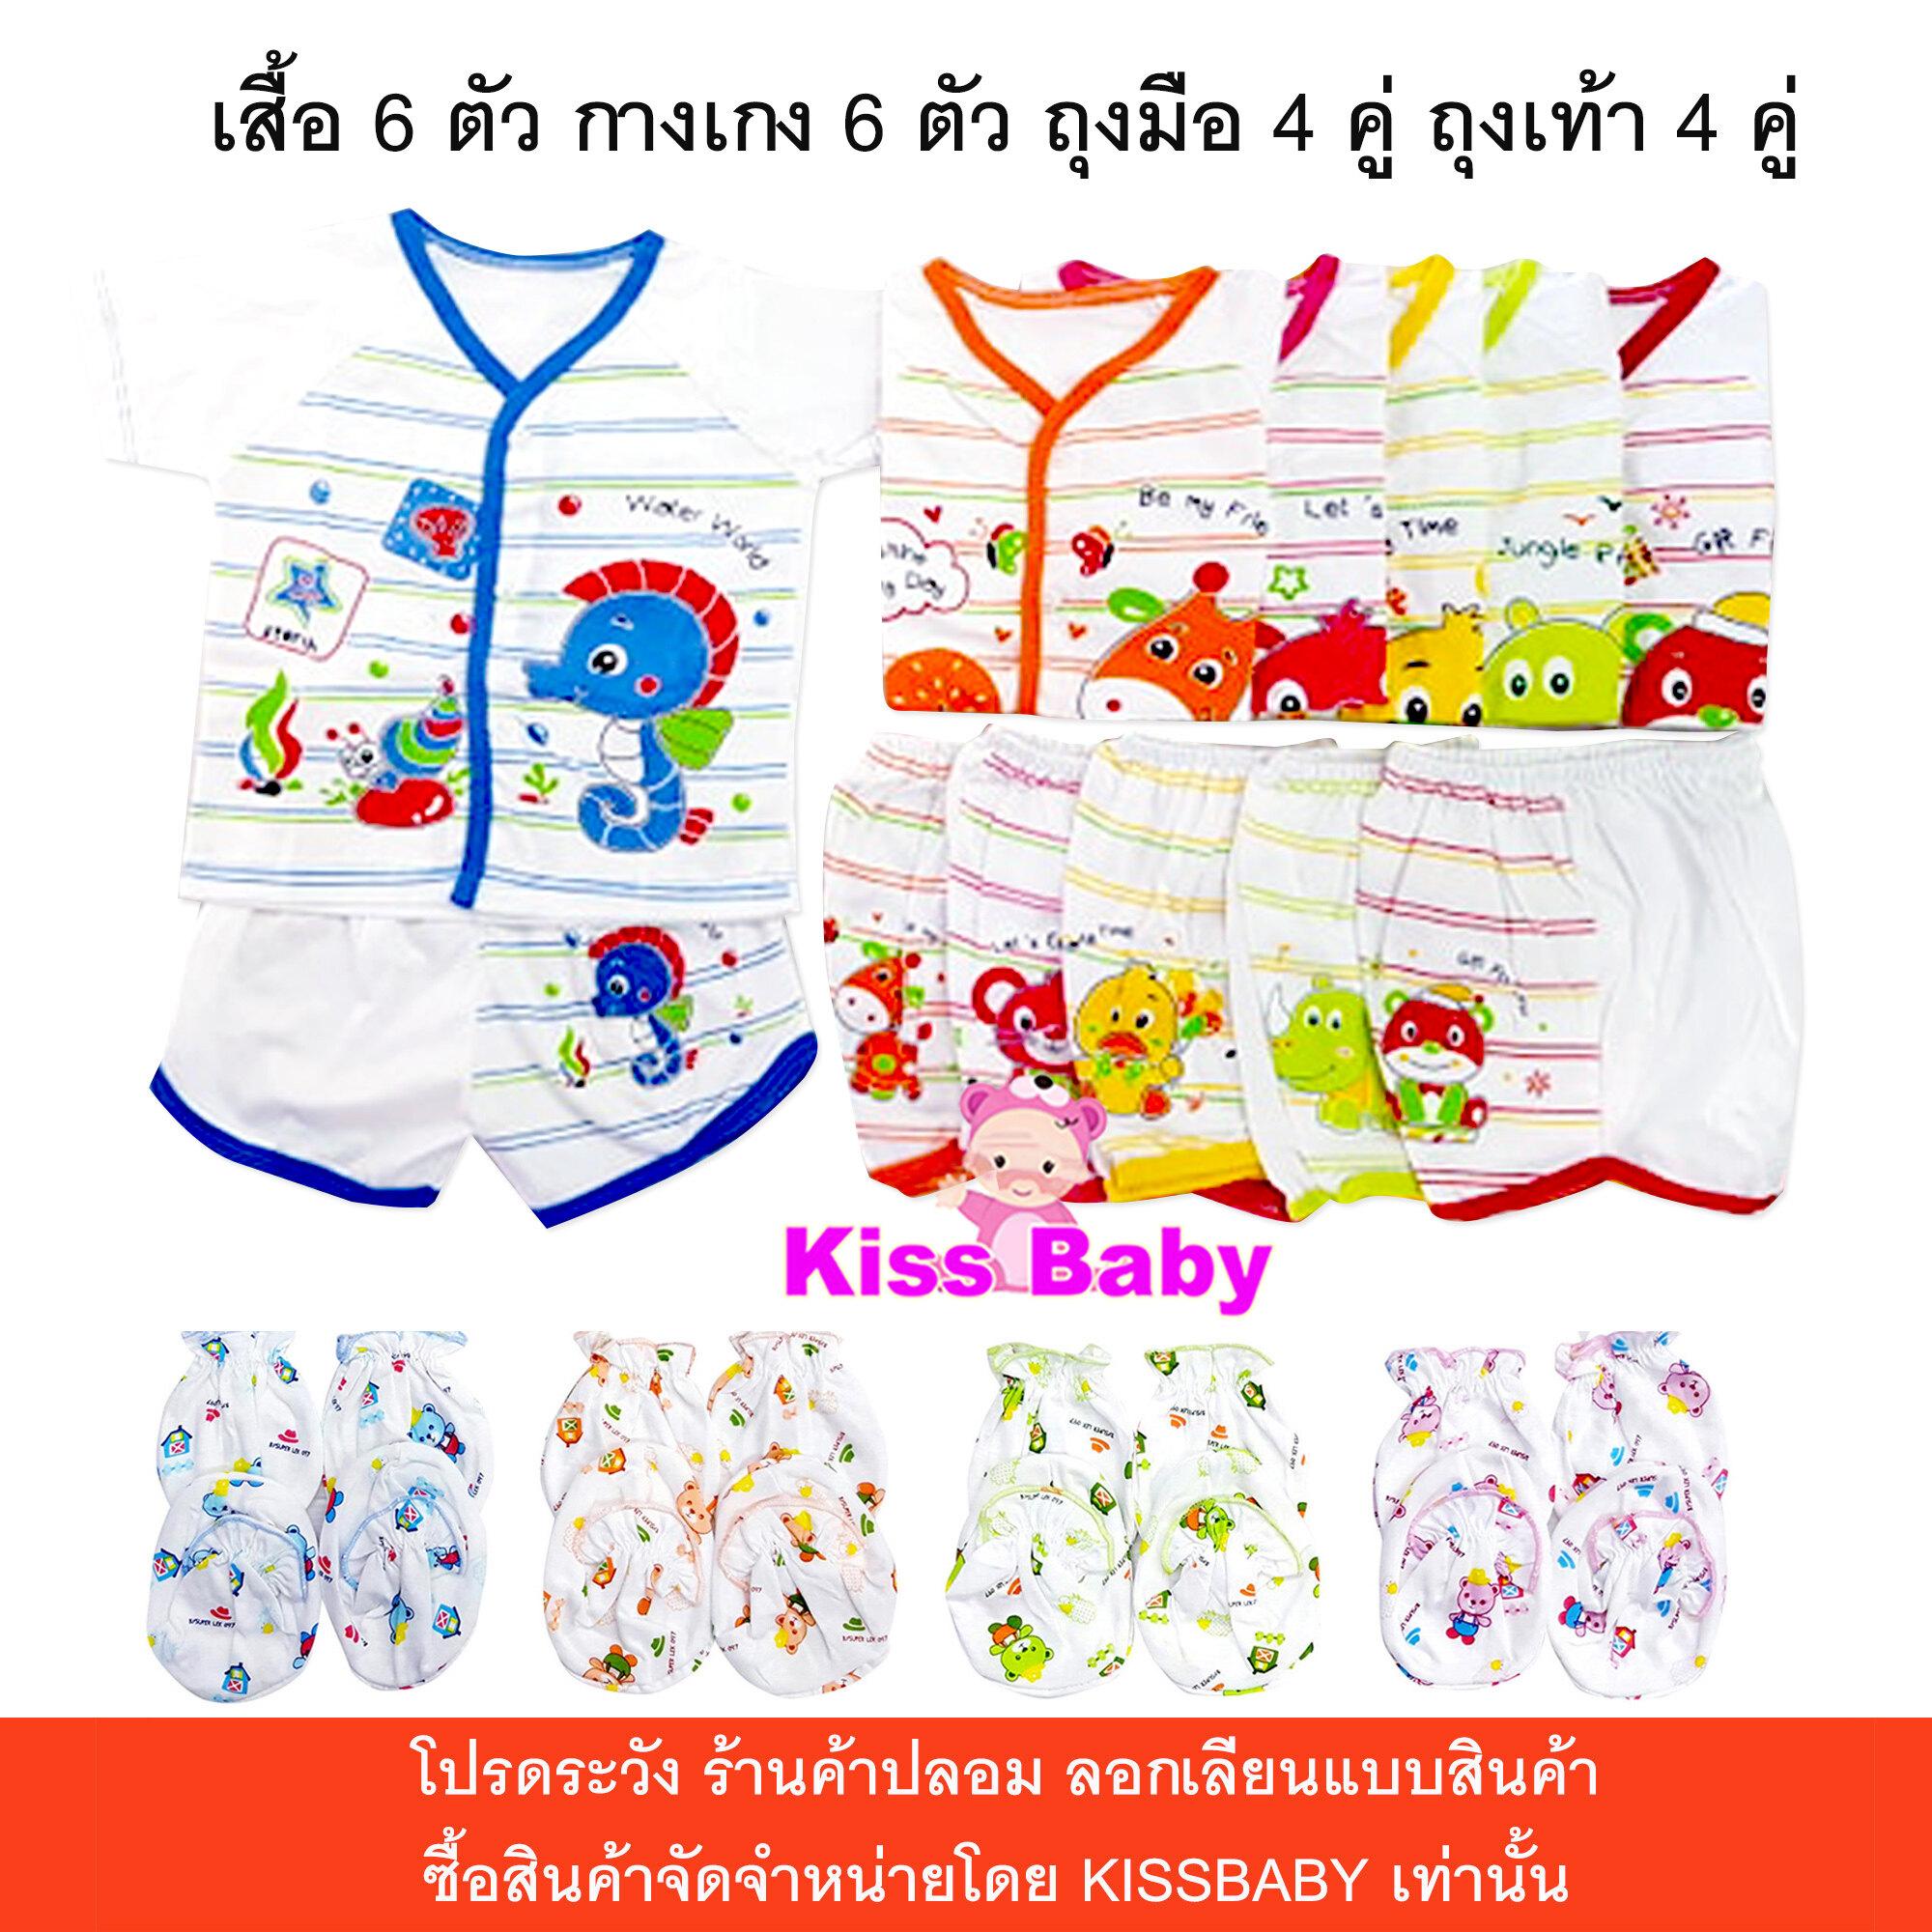 รีวิว KISSBABY ชุดเด็กแรกเกิด ชุดเด็กอ่อน แขนสั้นขาสั้น แพ็ค 6 ชุด ฟรี ถุงมือ+ถุงเท้า